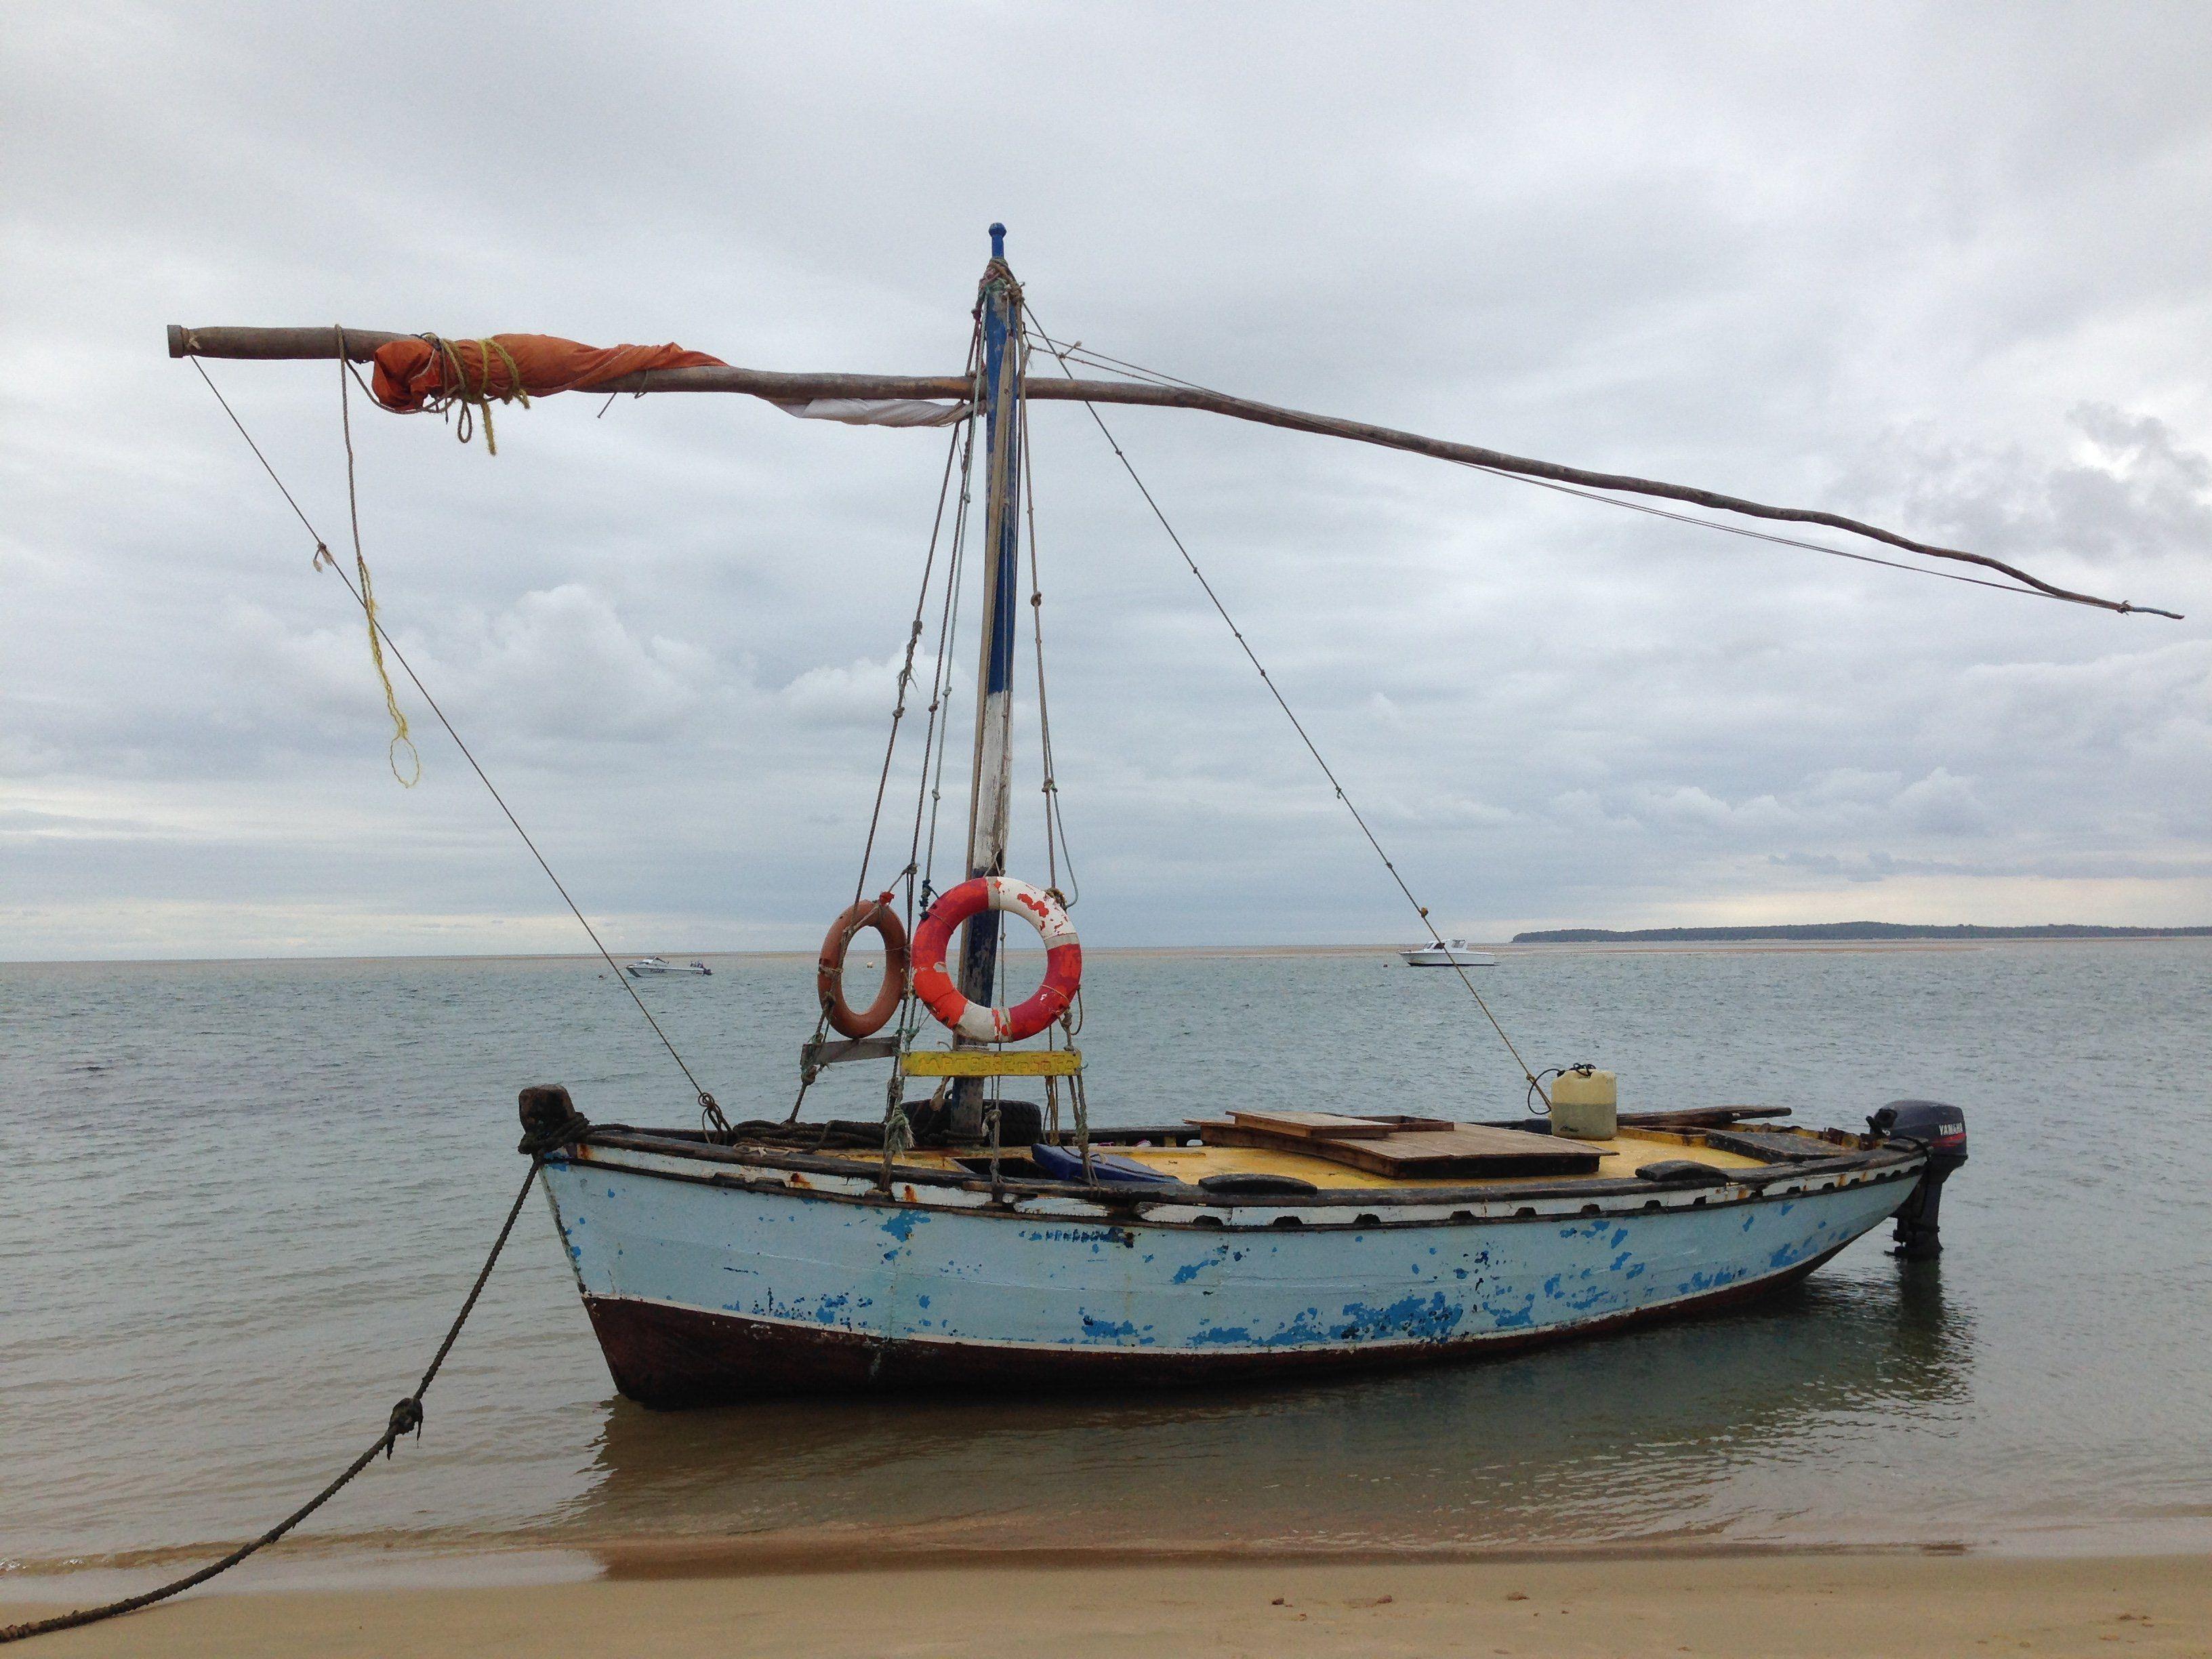 Mit dem Segelboot landeten die Beiden auf Inhaca.